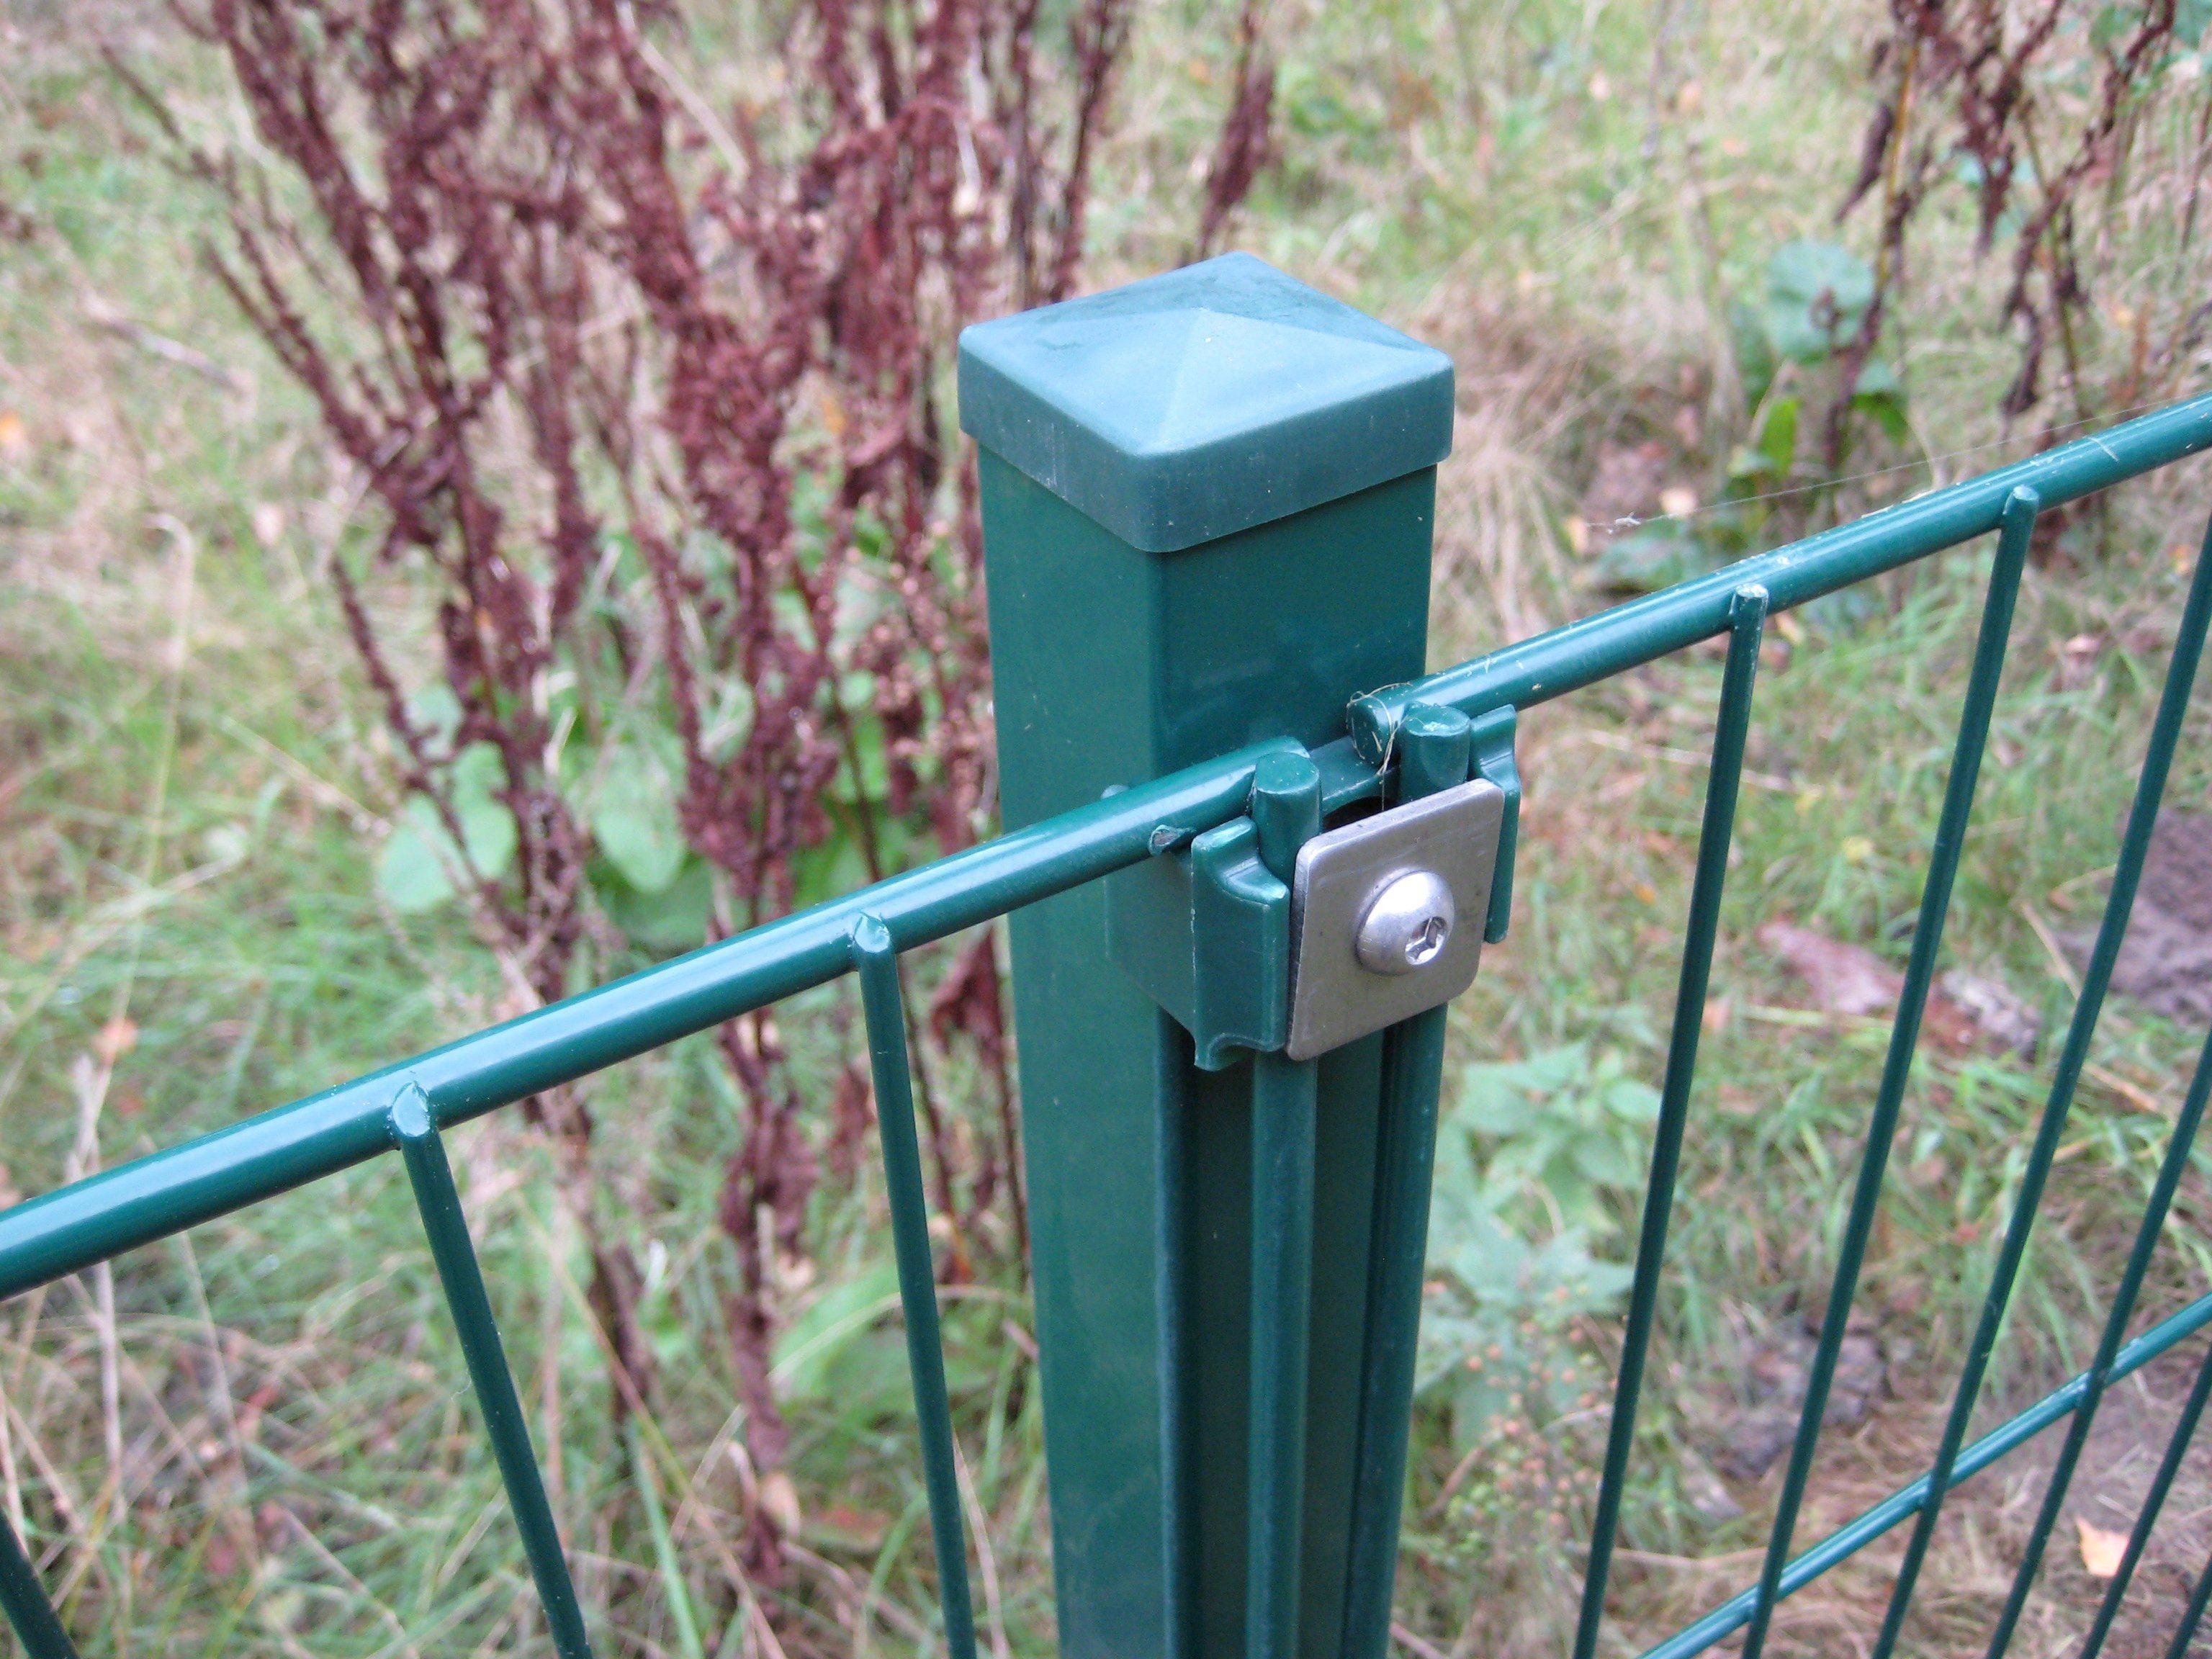 PEDDY SHIELD Zaun »Einzelstabmatte«, Breite: 200 cm, grün | Garten > Zäune und Sichtschutz | Stahl | Peddy Shield